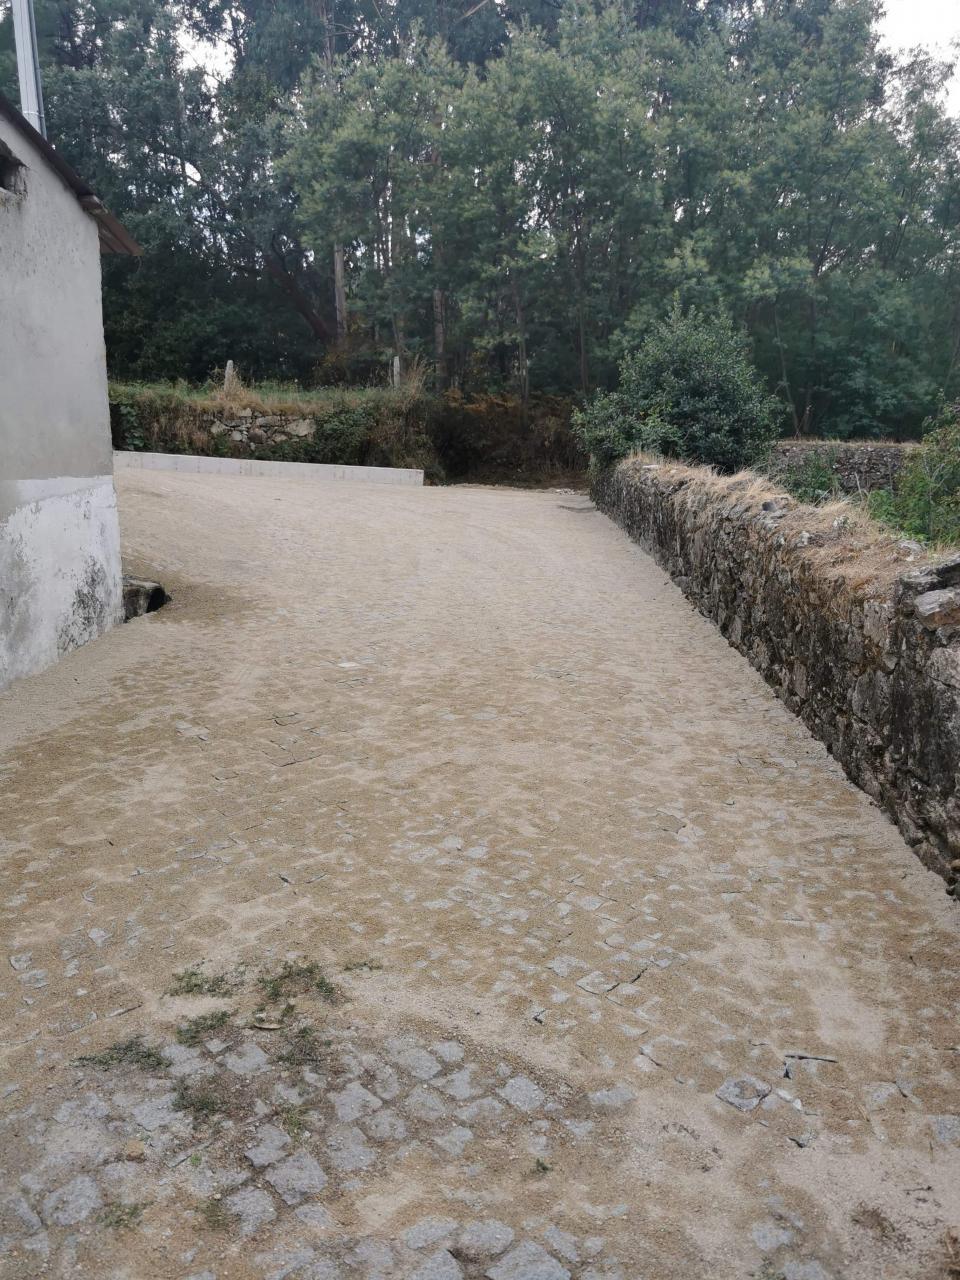 Rua do Pinheiro Manso